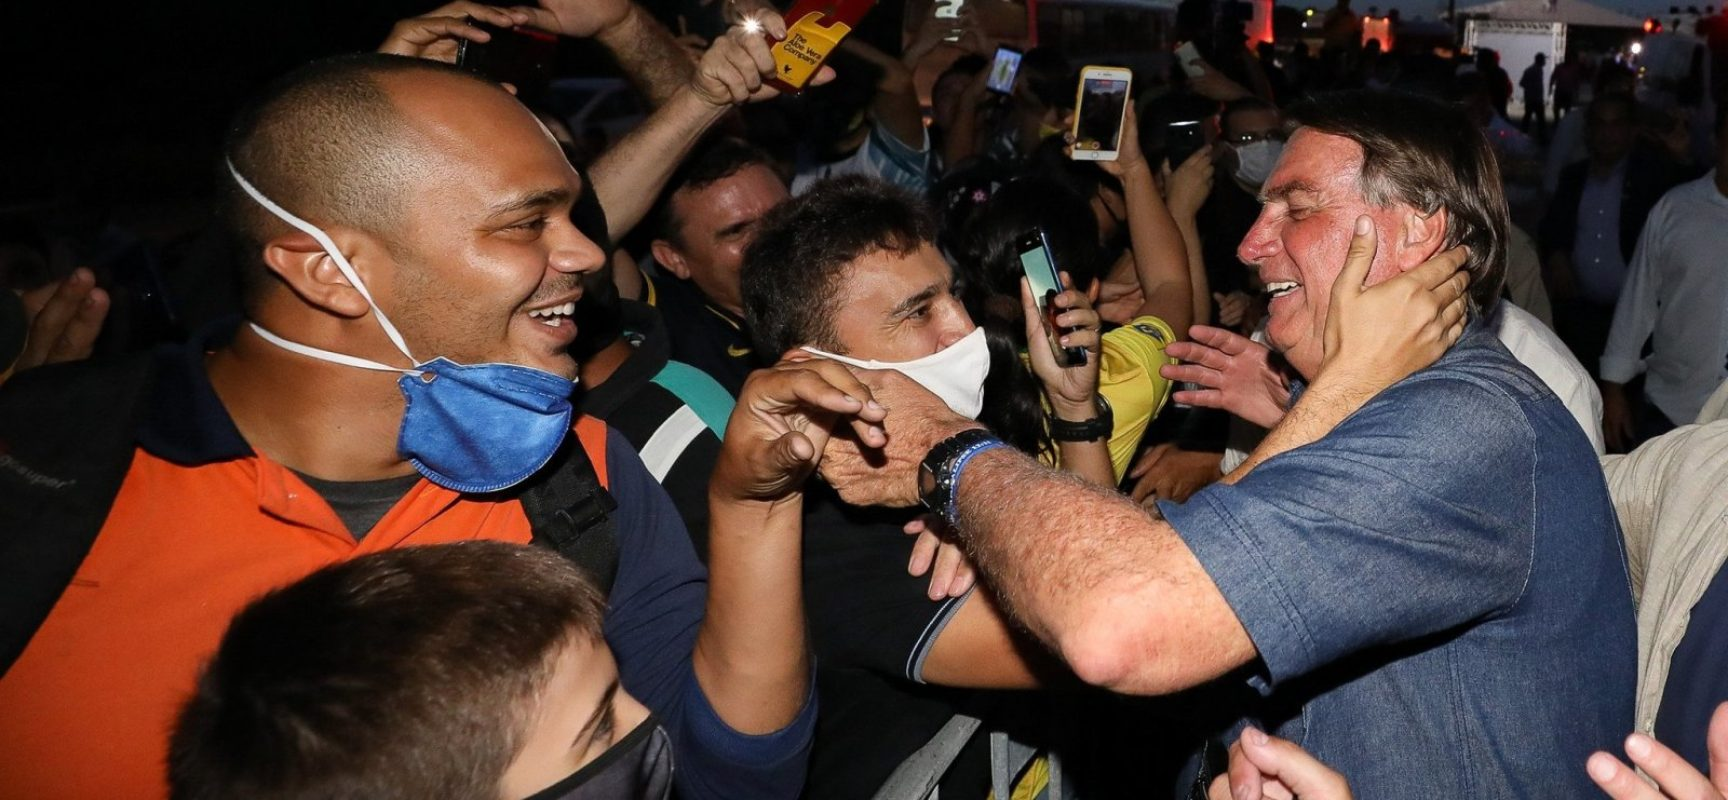 Em meio ao avanço da pandemia, Bolsonaro e filhos voltam a criticar medidas de isolamento